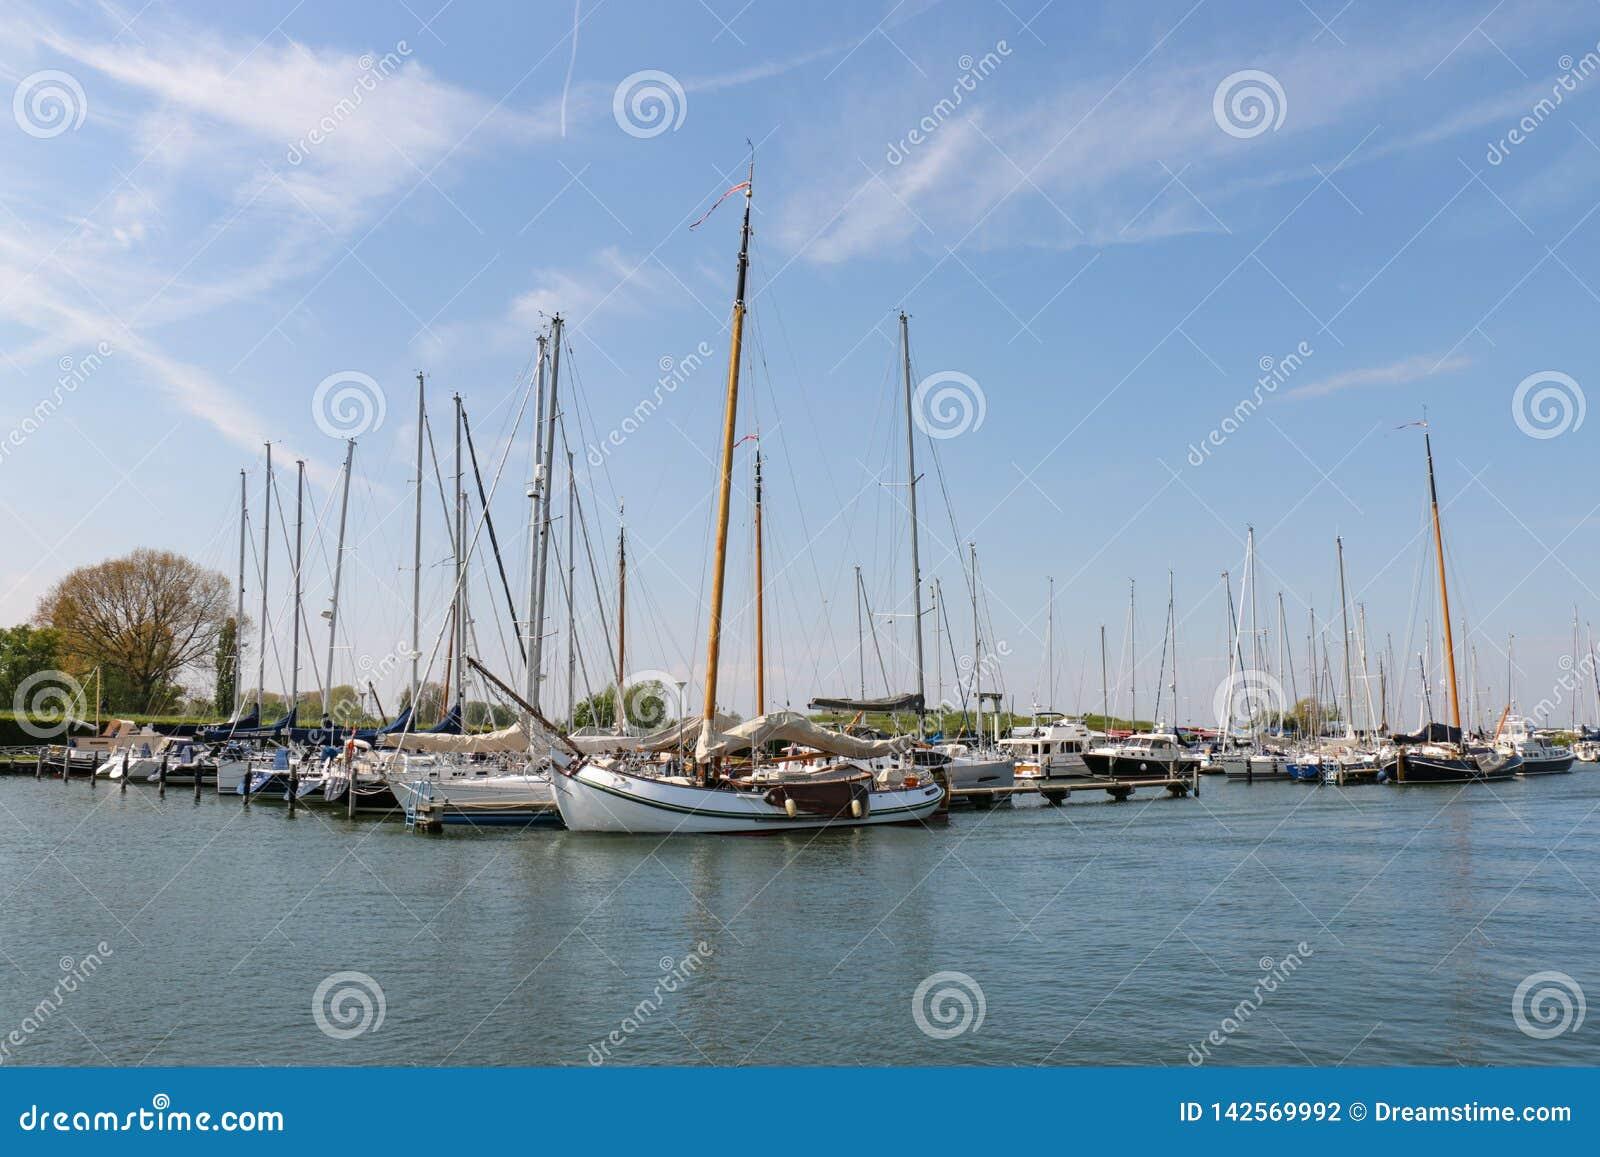 Nederlandse varende schepen in de jachthaven